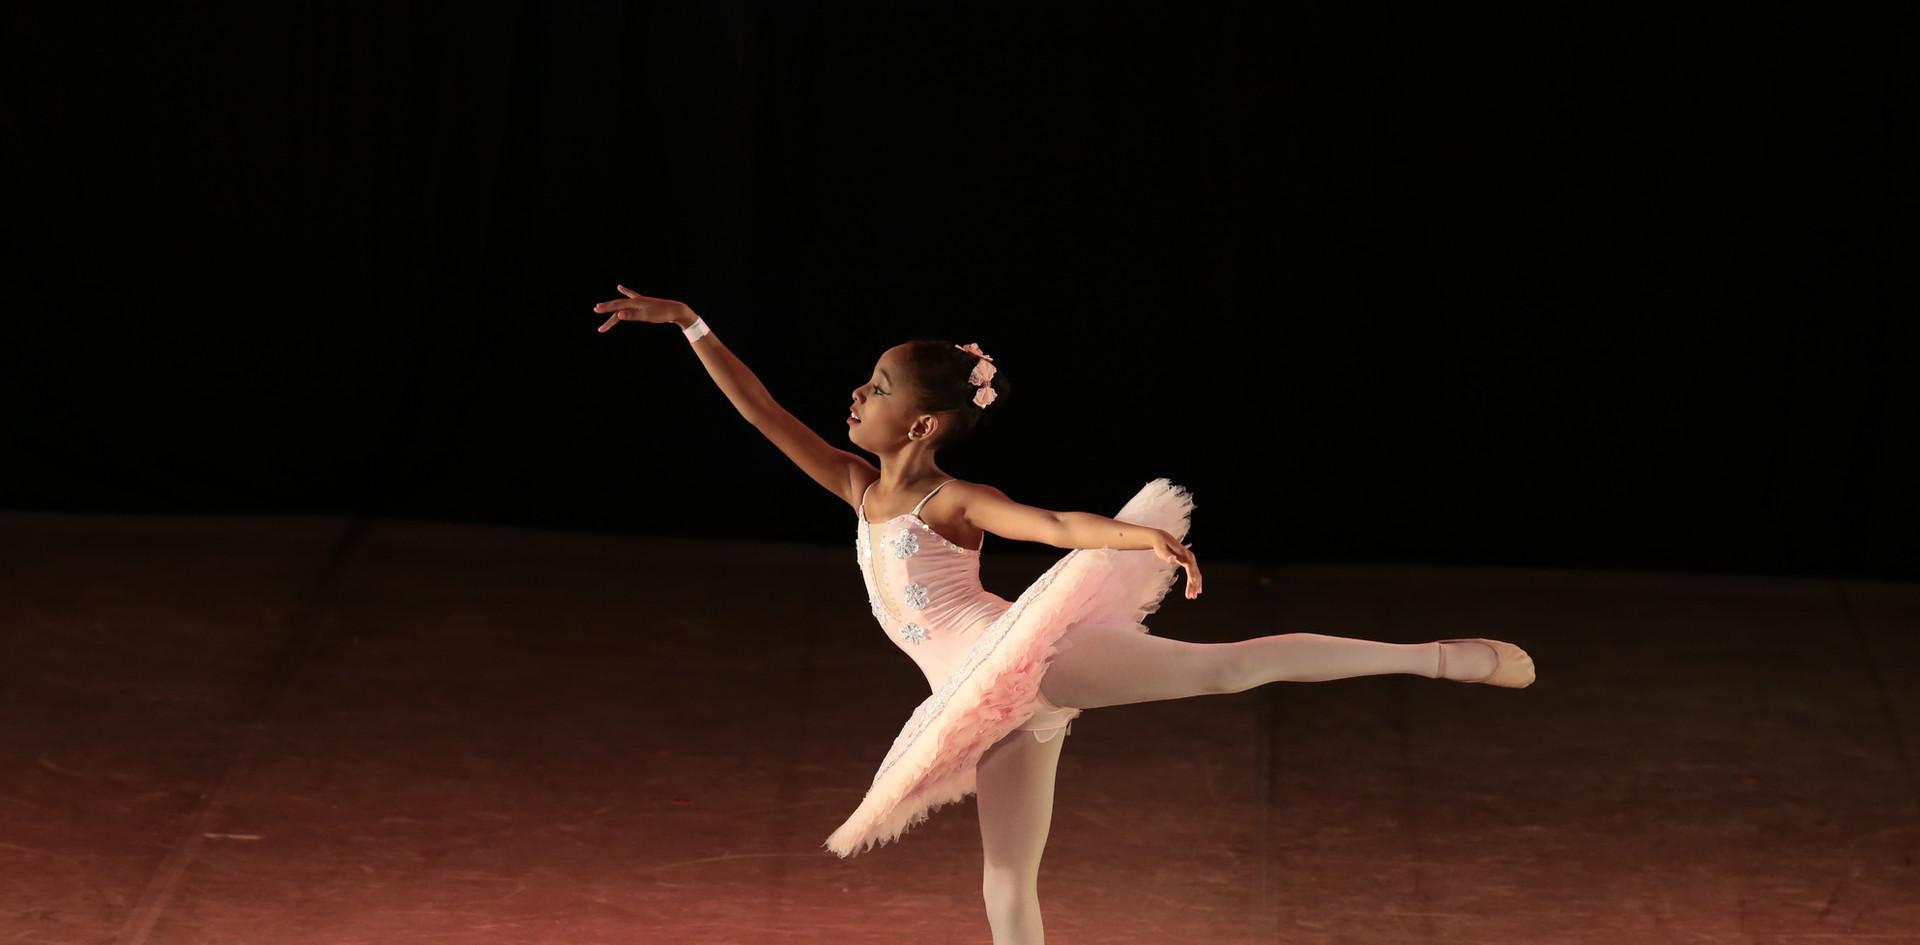 bailarina-revelacao-yasmin.JPG